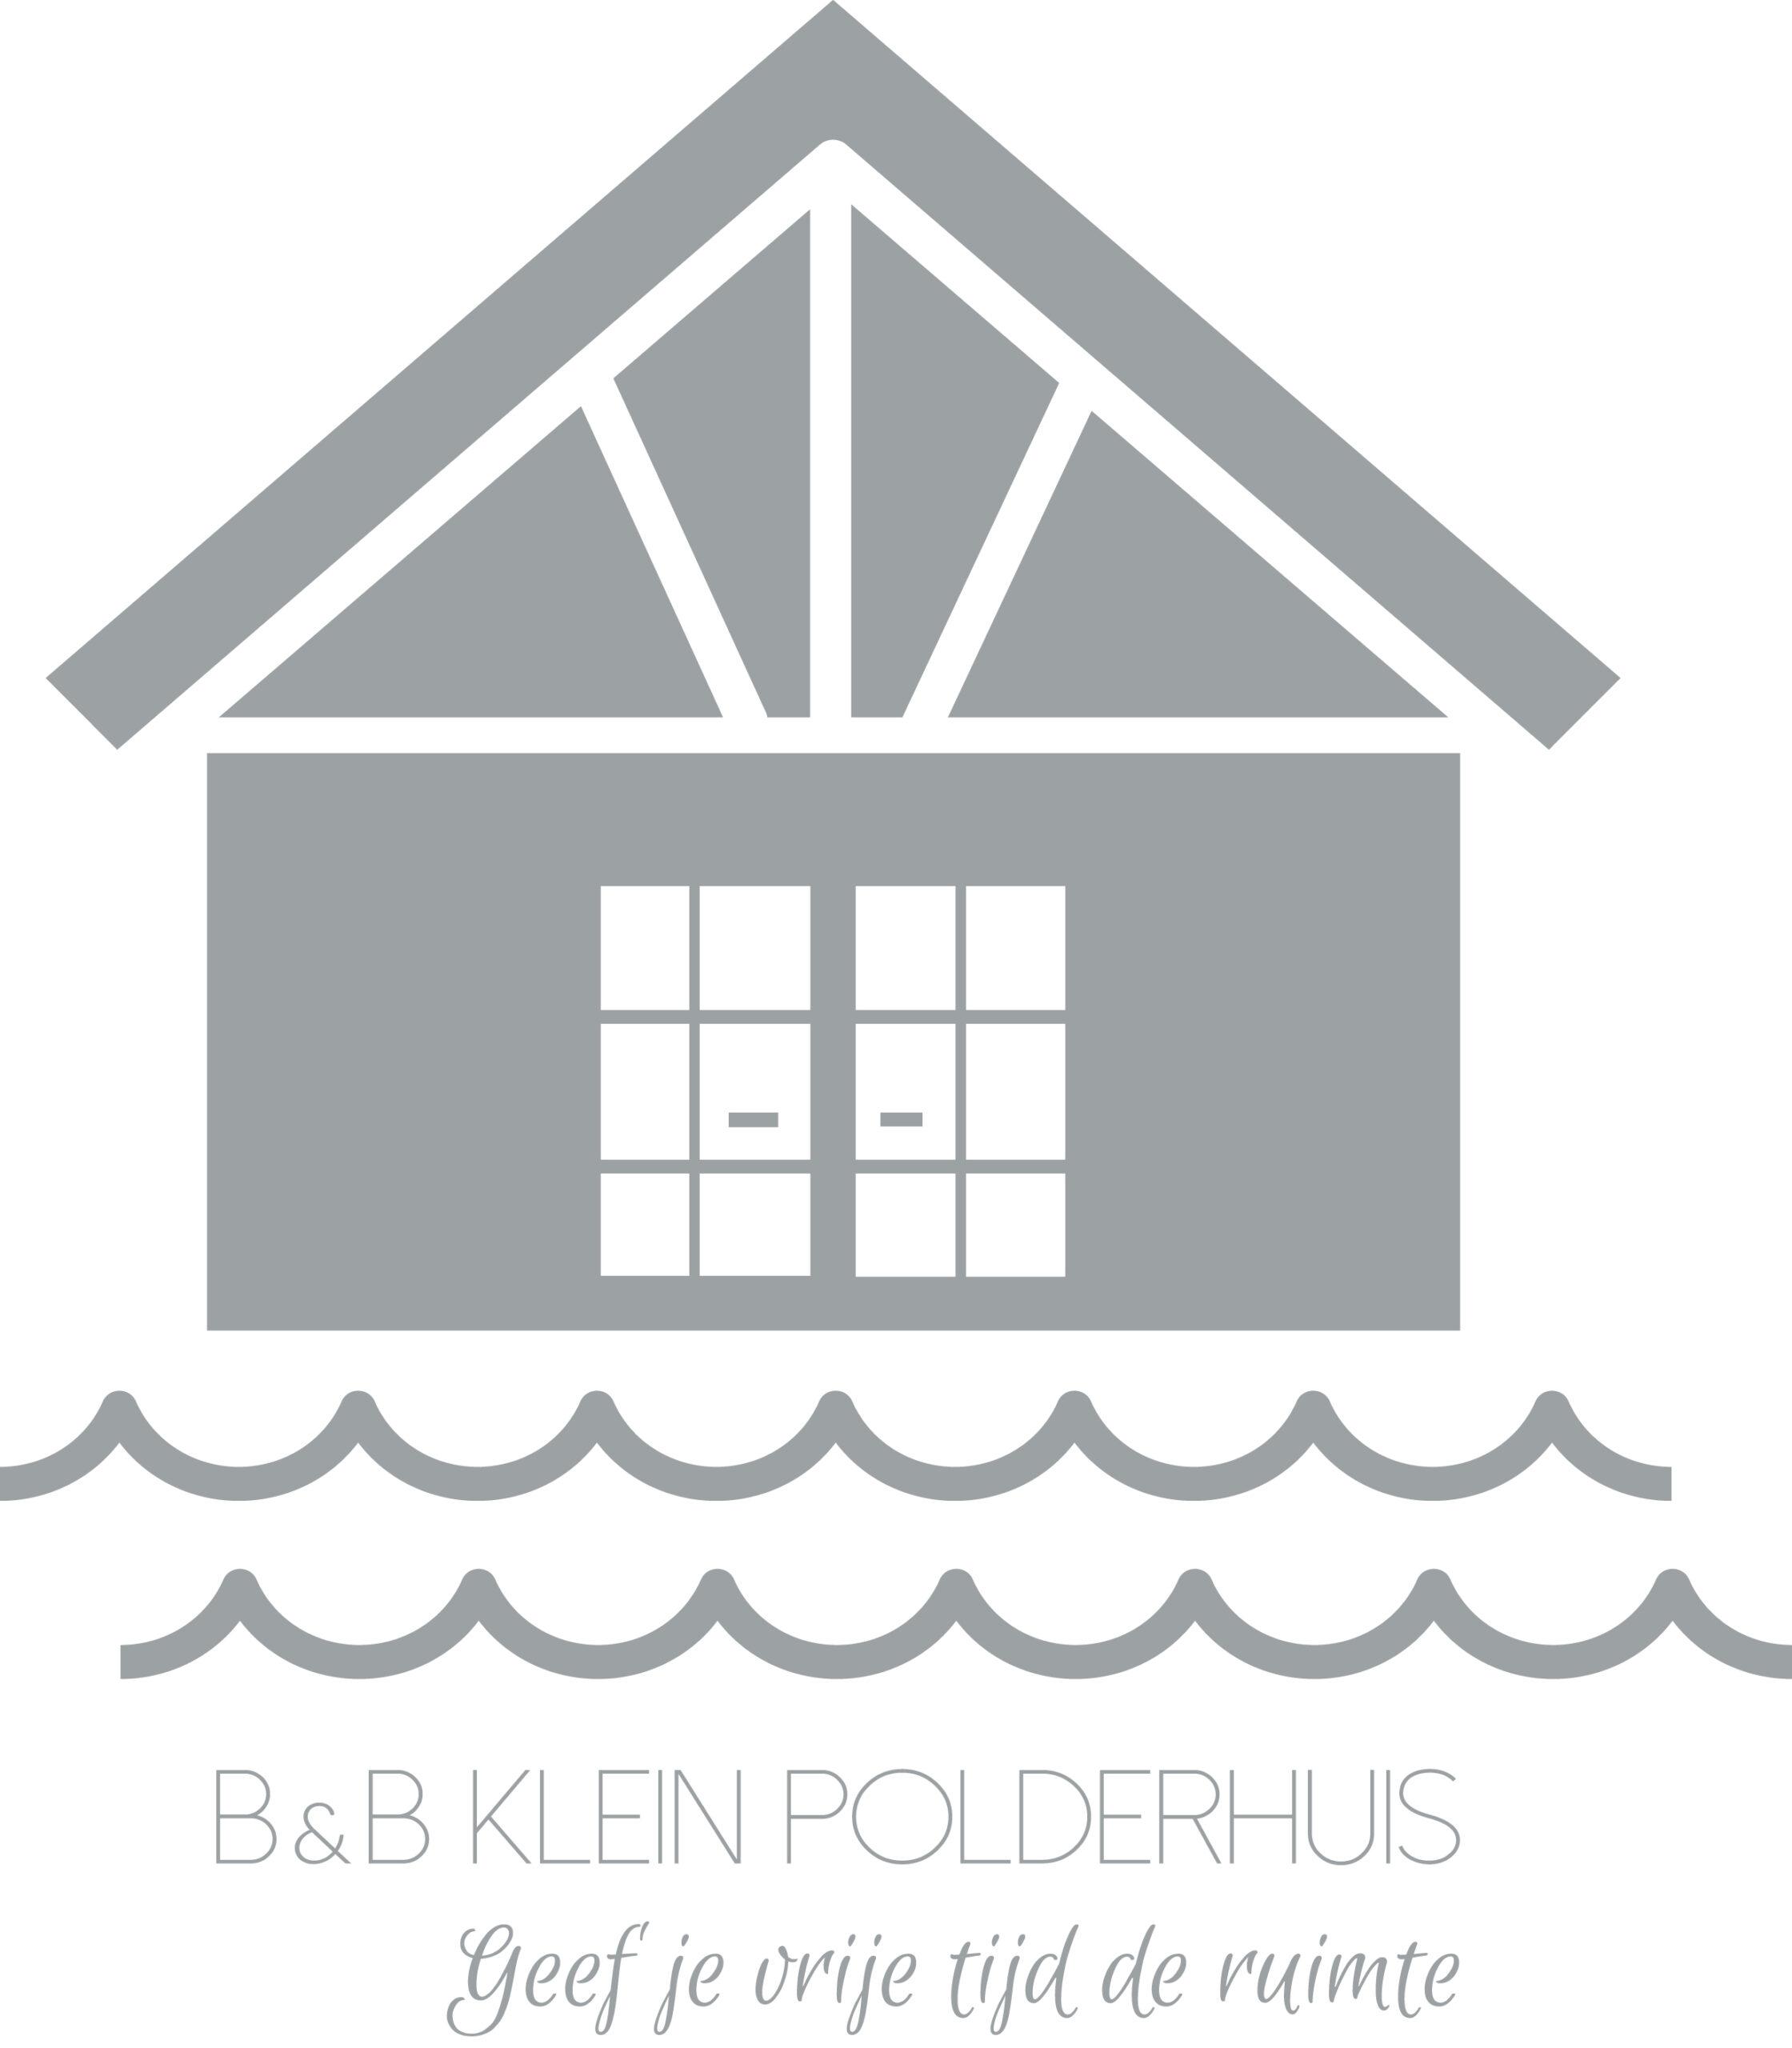 B&B Klein Polderhuis